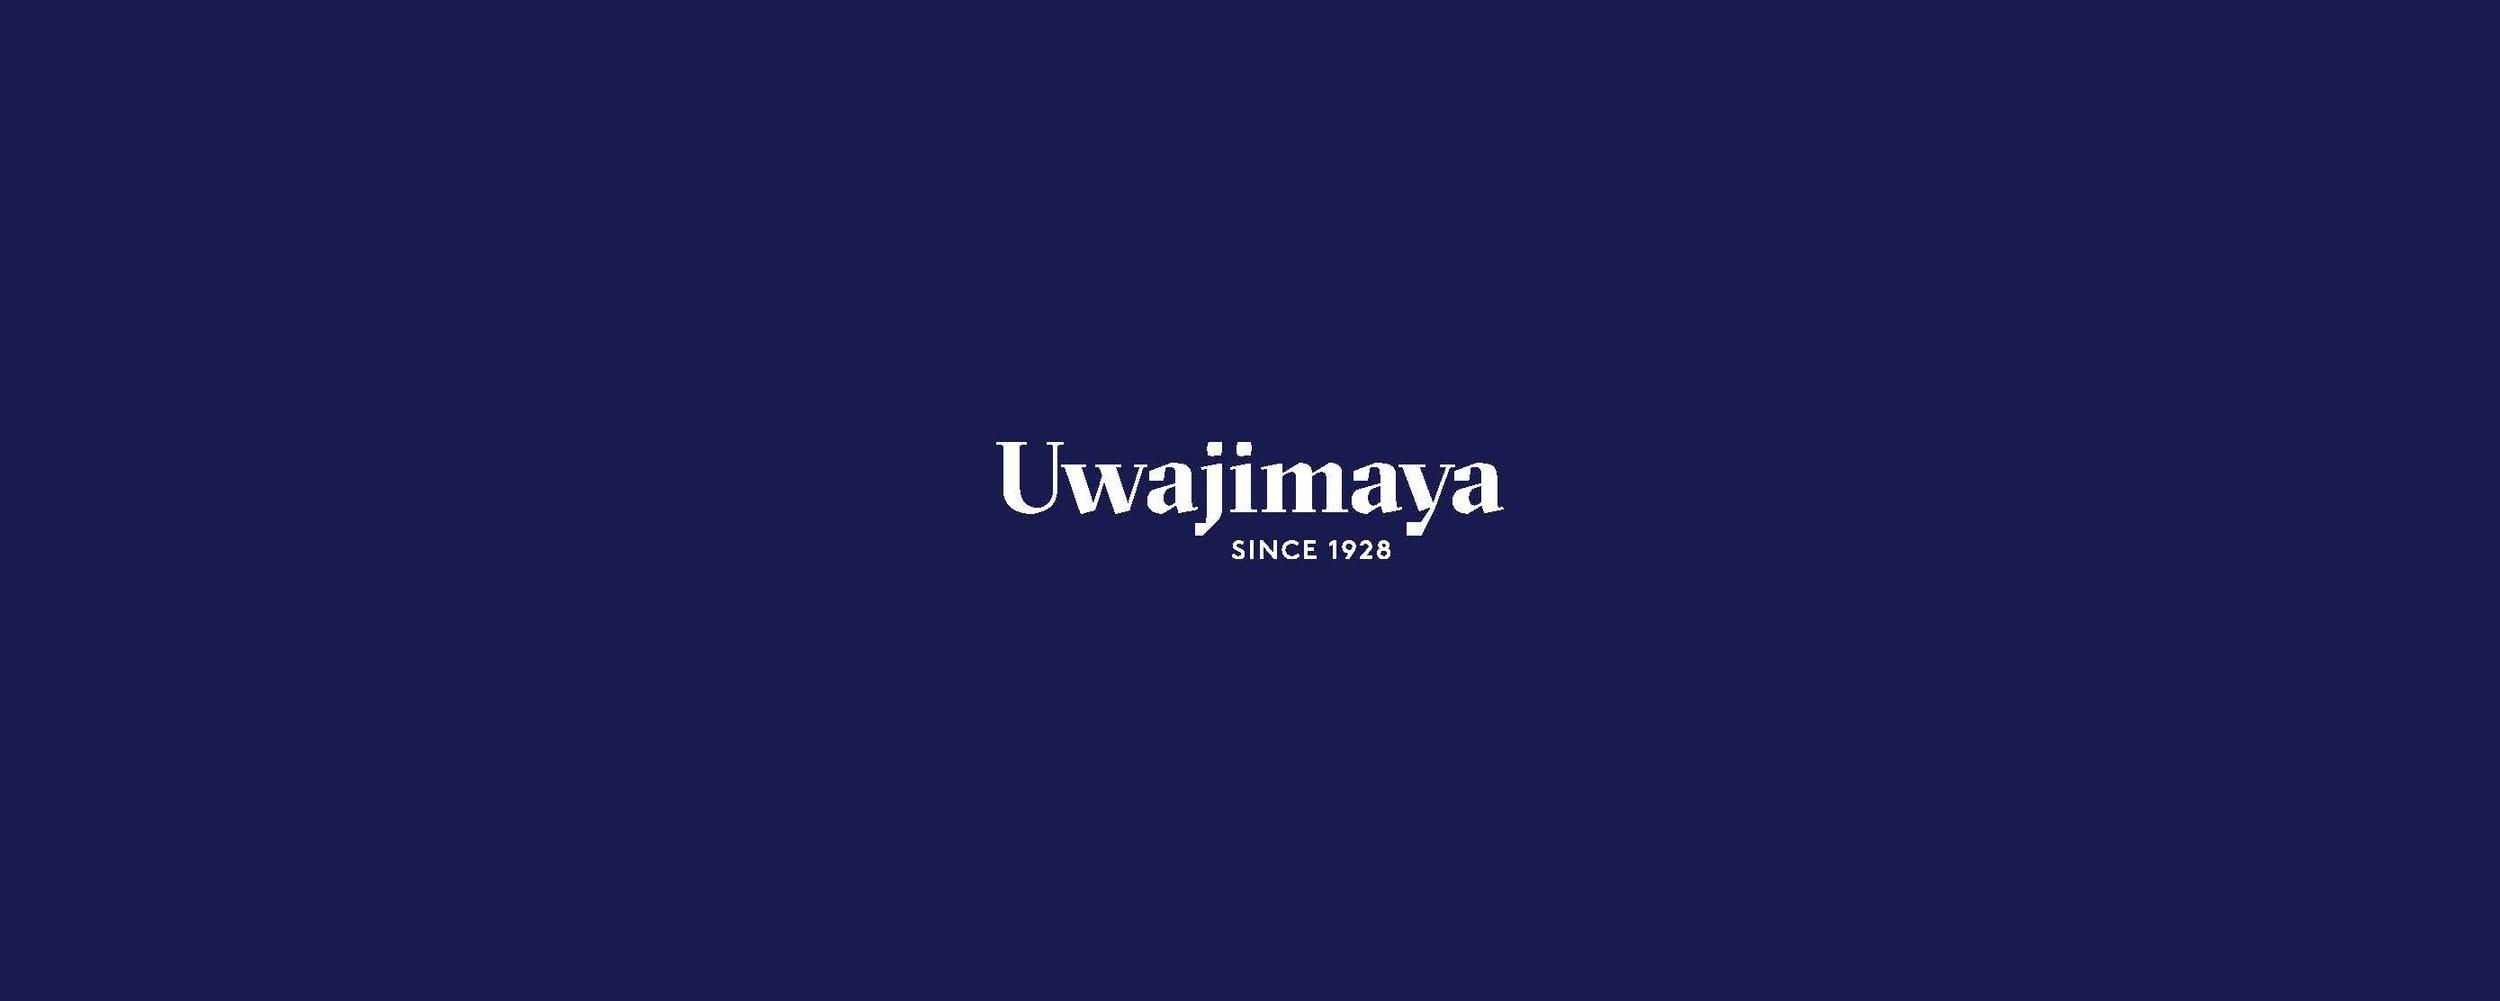 Uwajimaya_Header.jpg